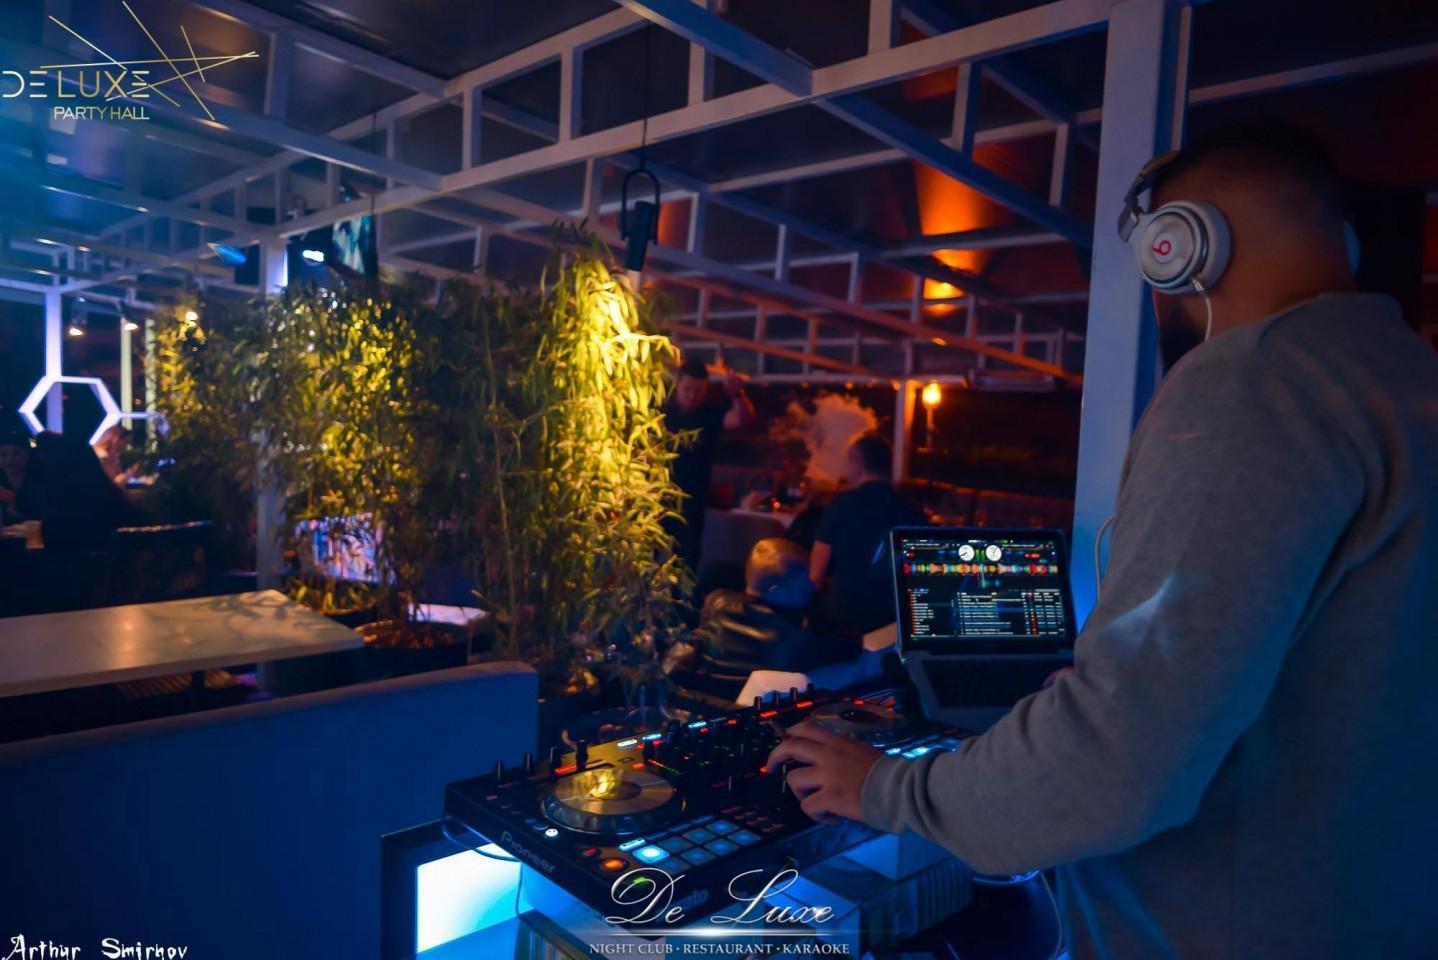 De Luxe night club | restaurant | karaoke - фото 46